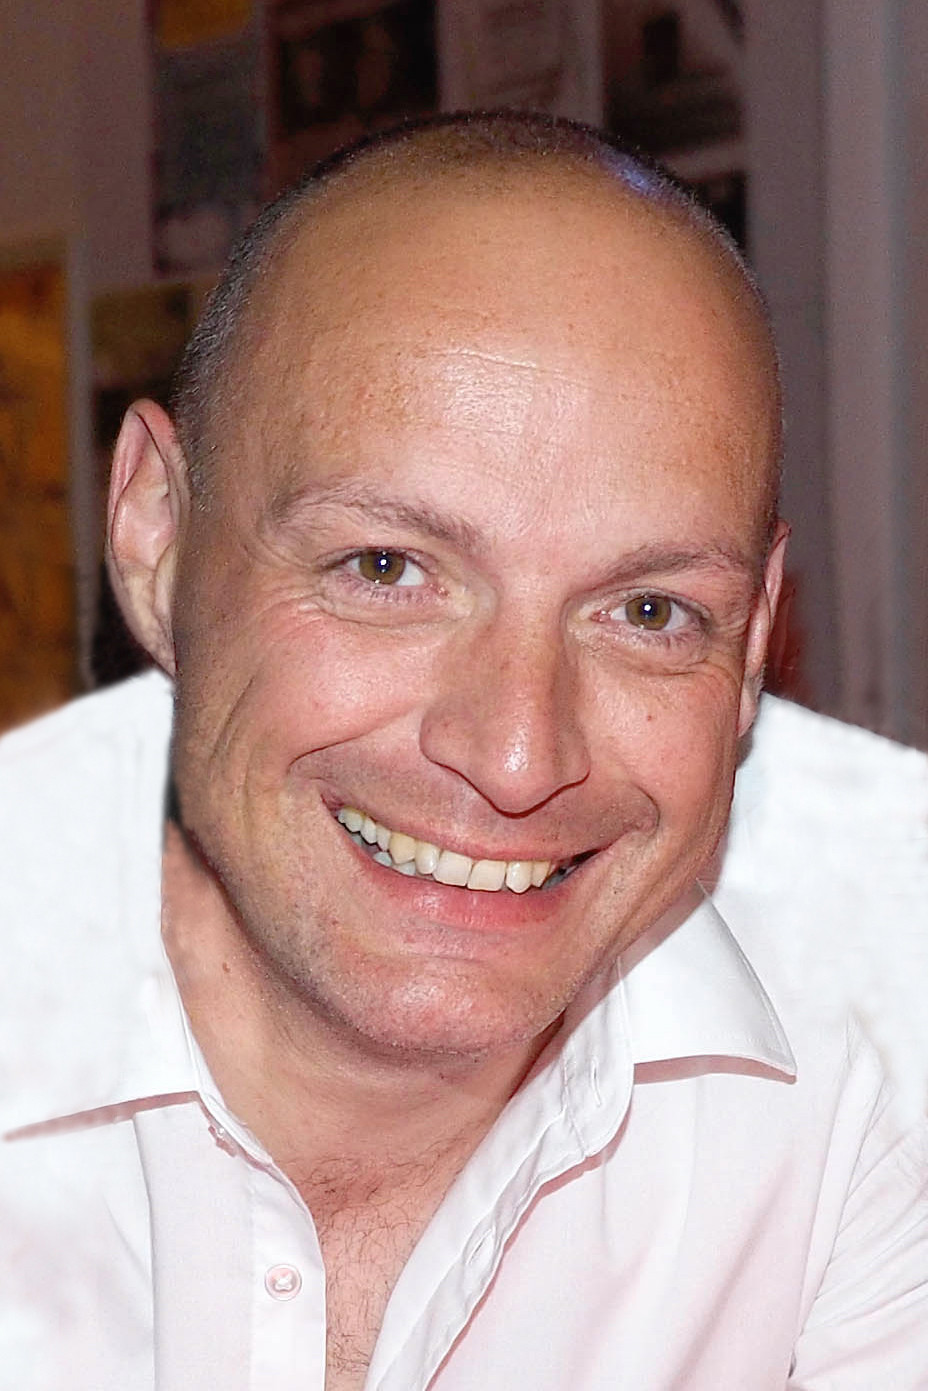 Oliver Wellschreiber